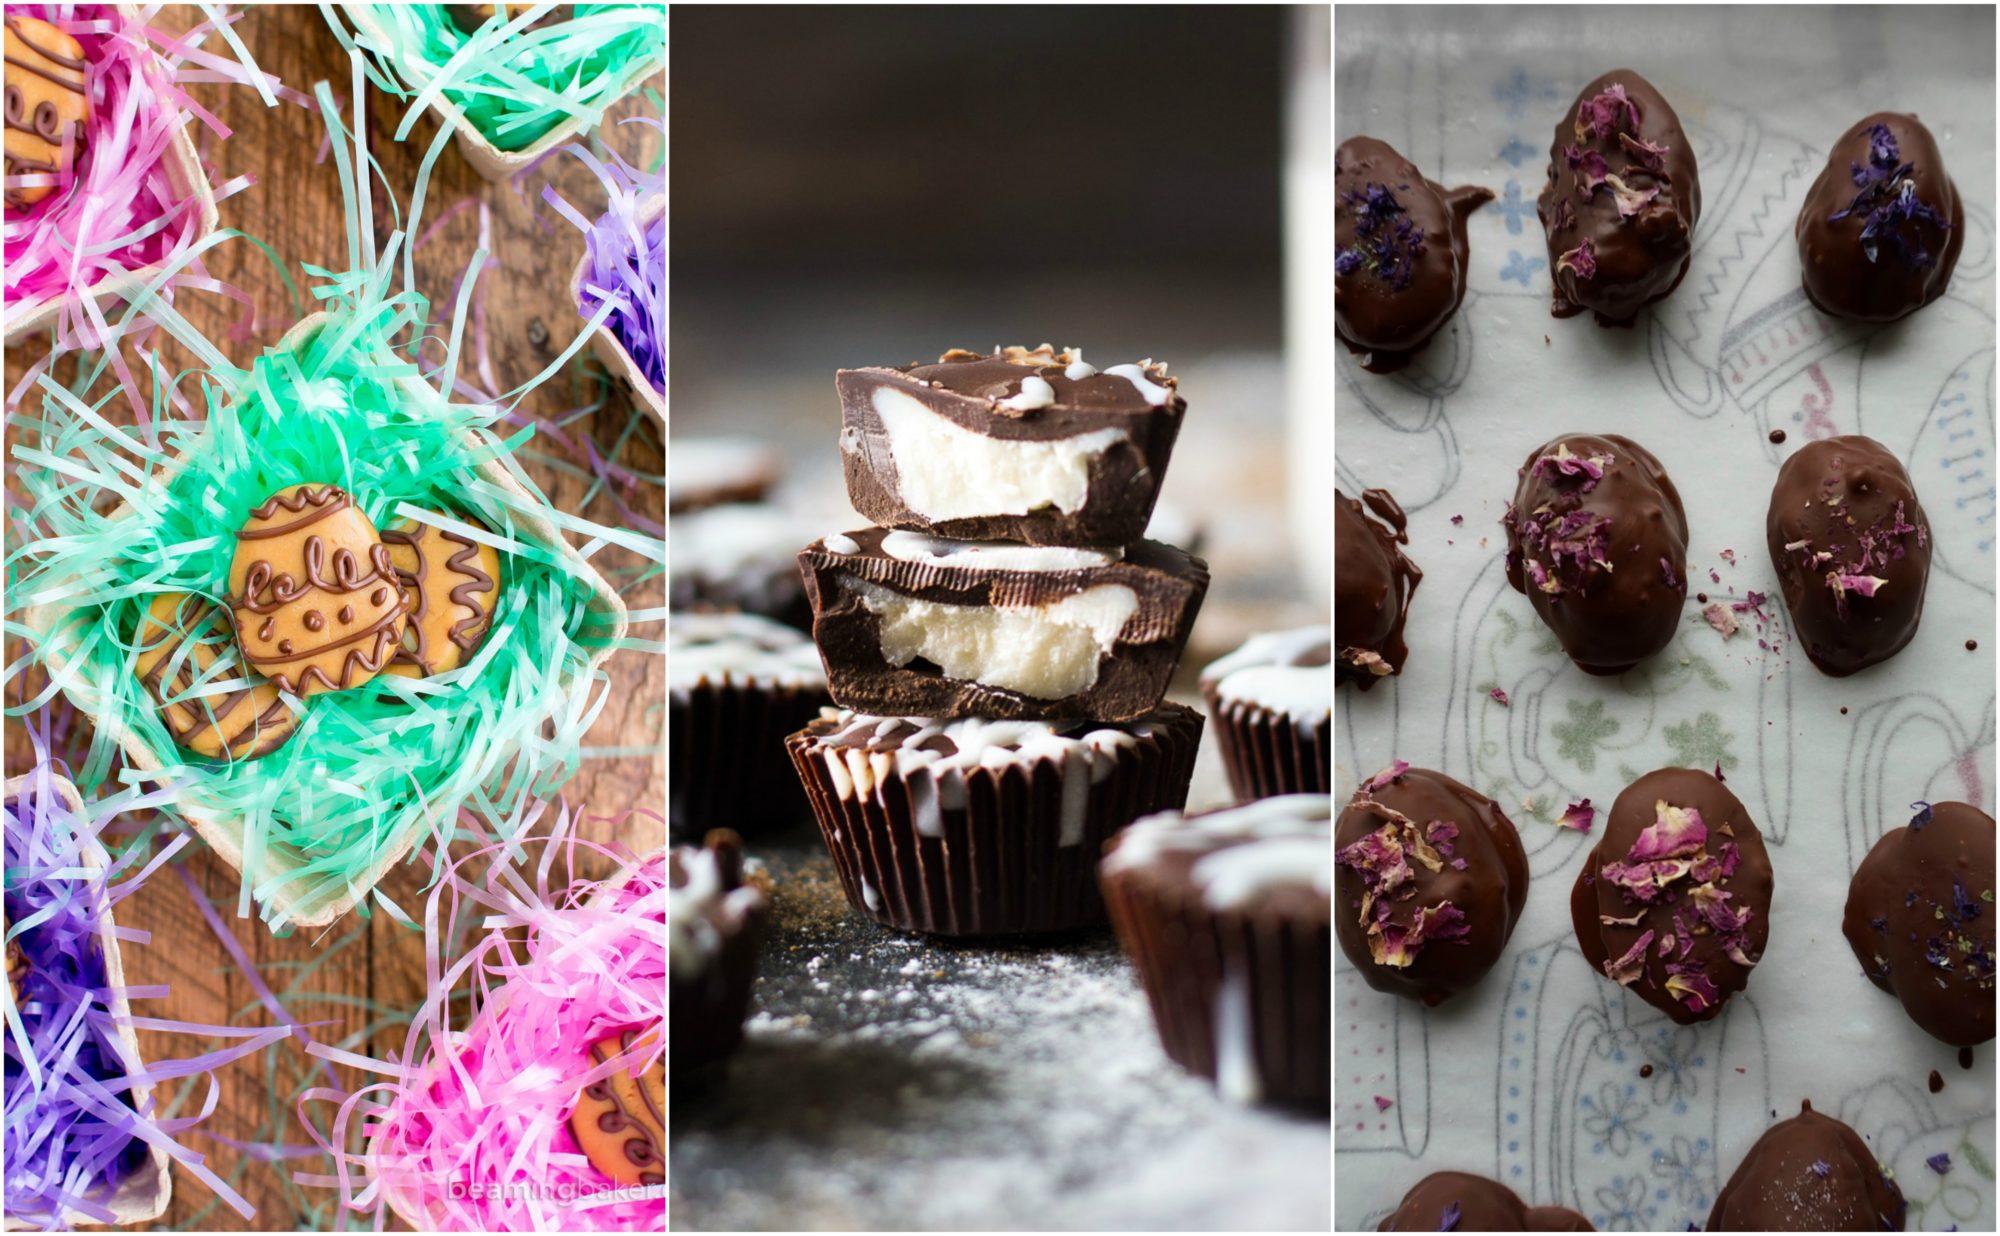 vegan chocolate recipes